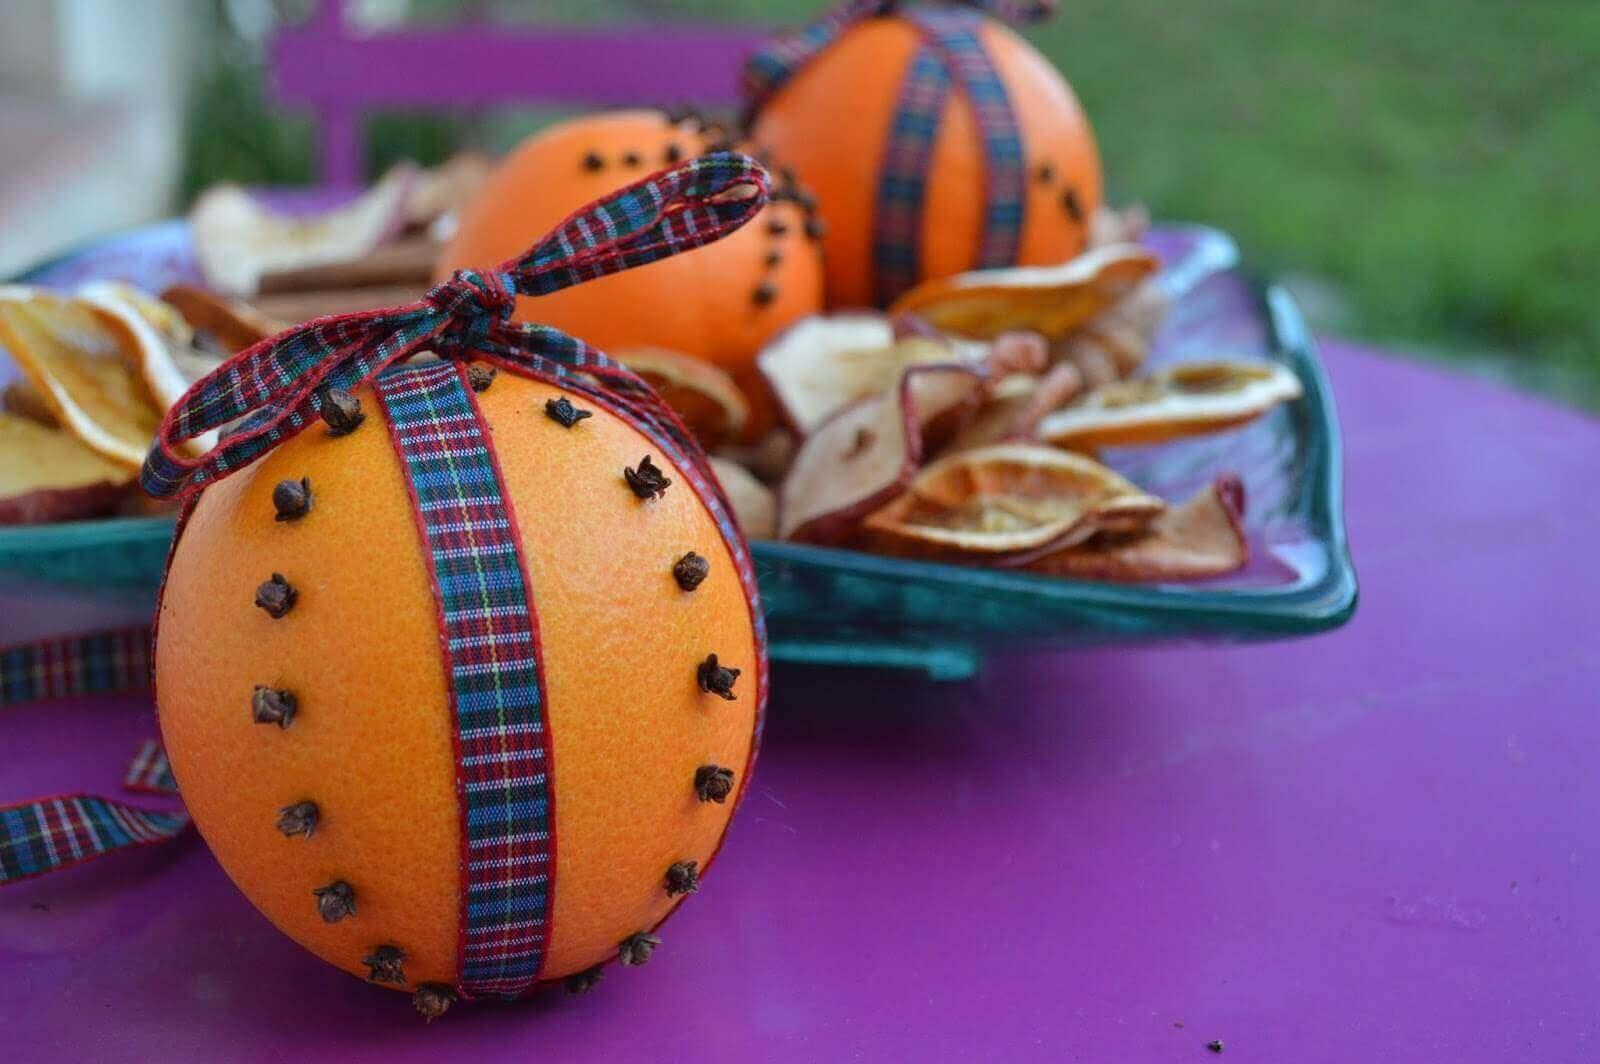 Appelsin og nellik